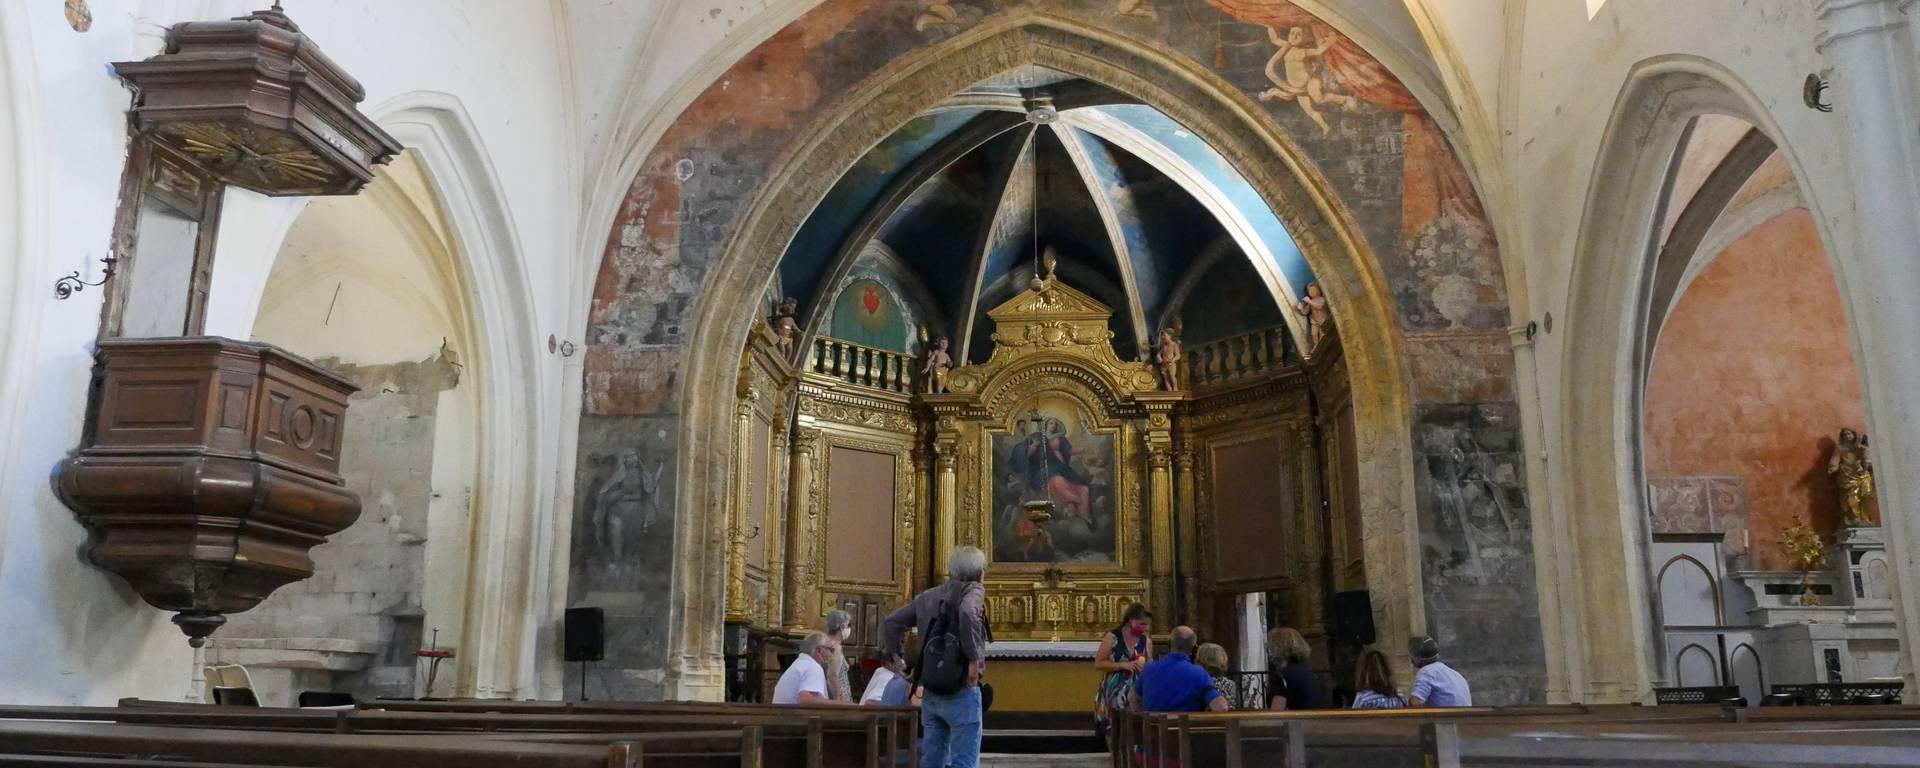 Eglise   Patrimoine